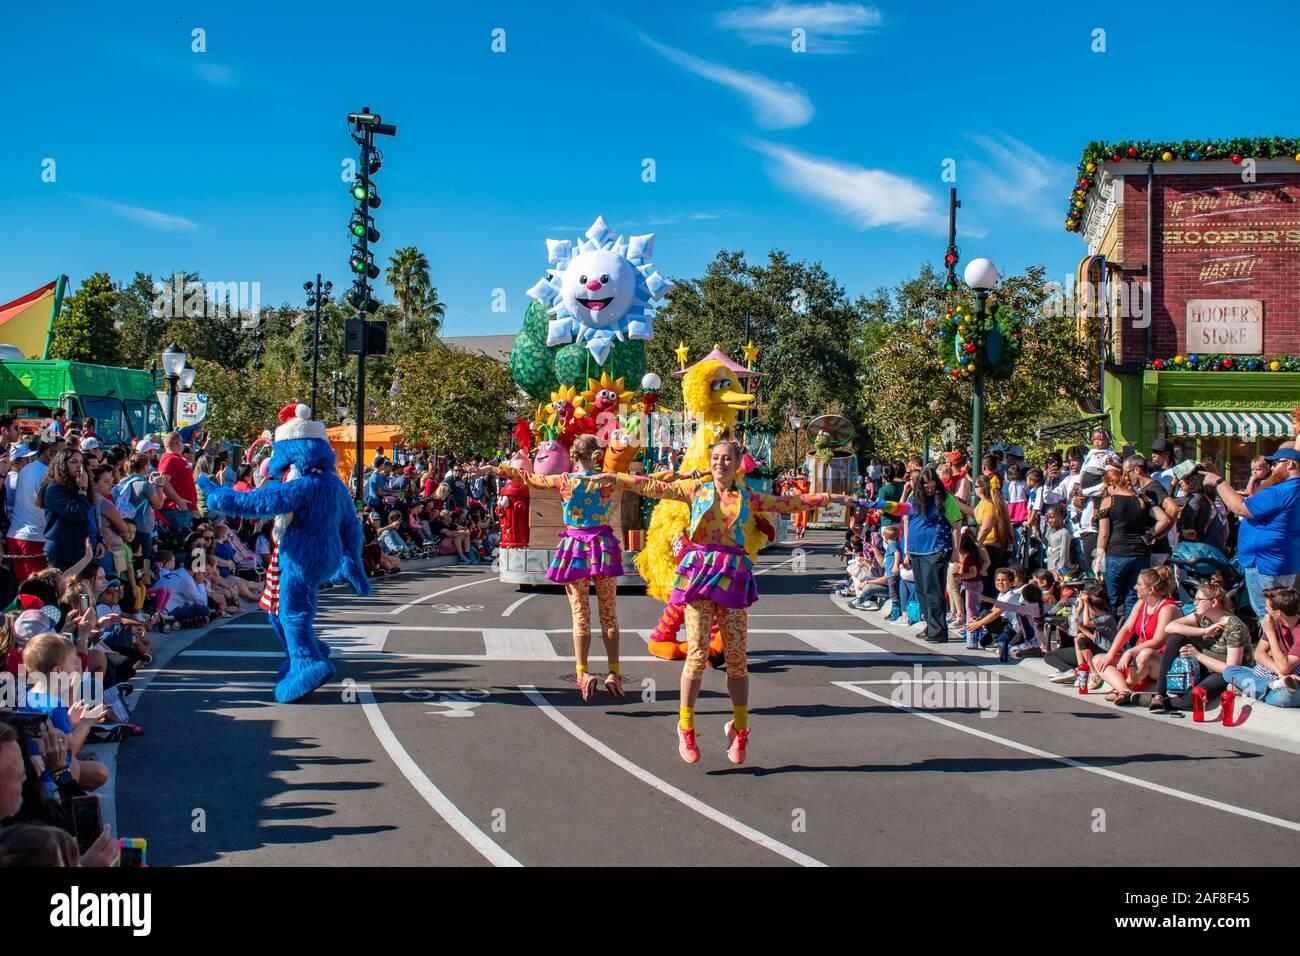 Grover Christmas Parade 2020 Orlando, Florida. December 07, 2019. Grover , Big Bird and dancers